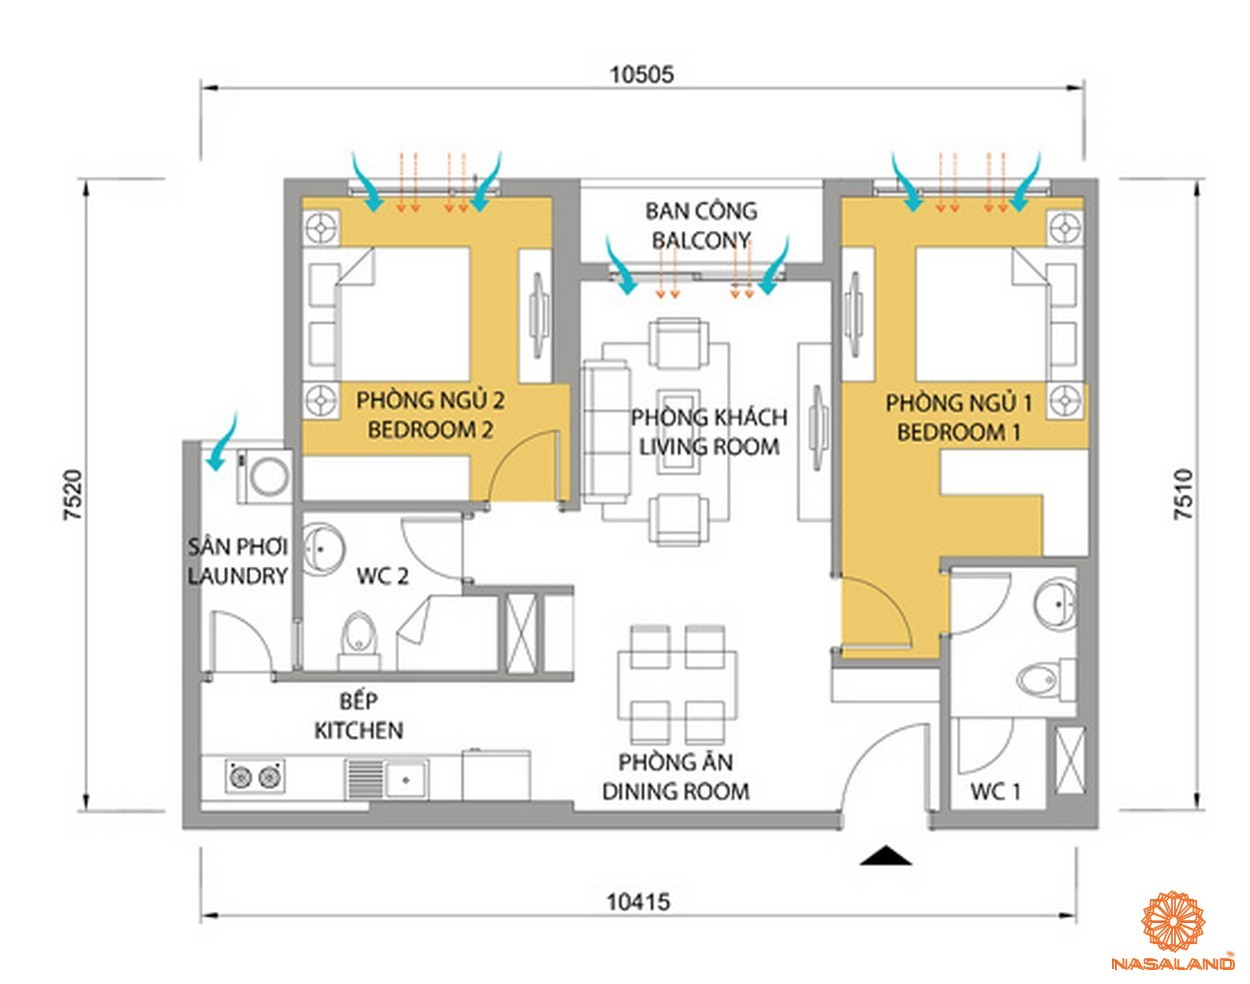 Mặt bằng chi tiết căn hộ 2 phòng ngủ của dự án Masteri quận 2